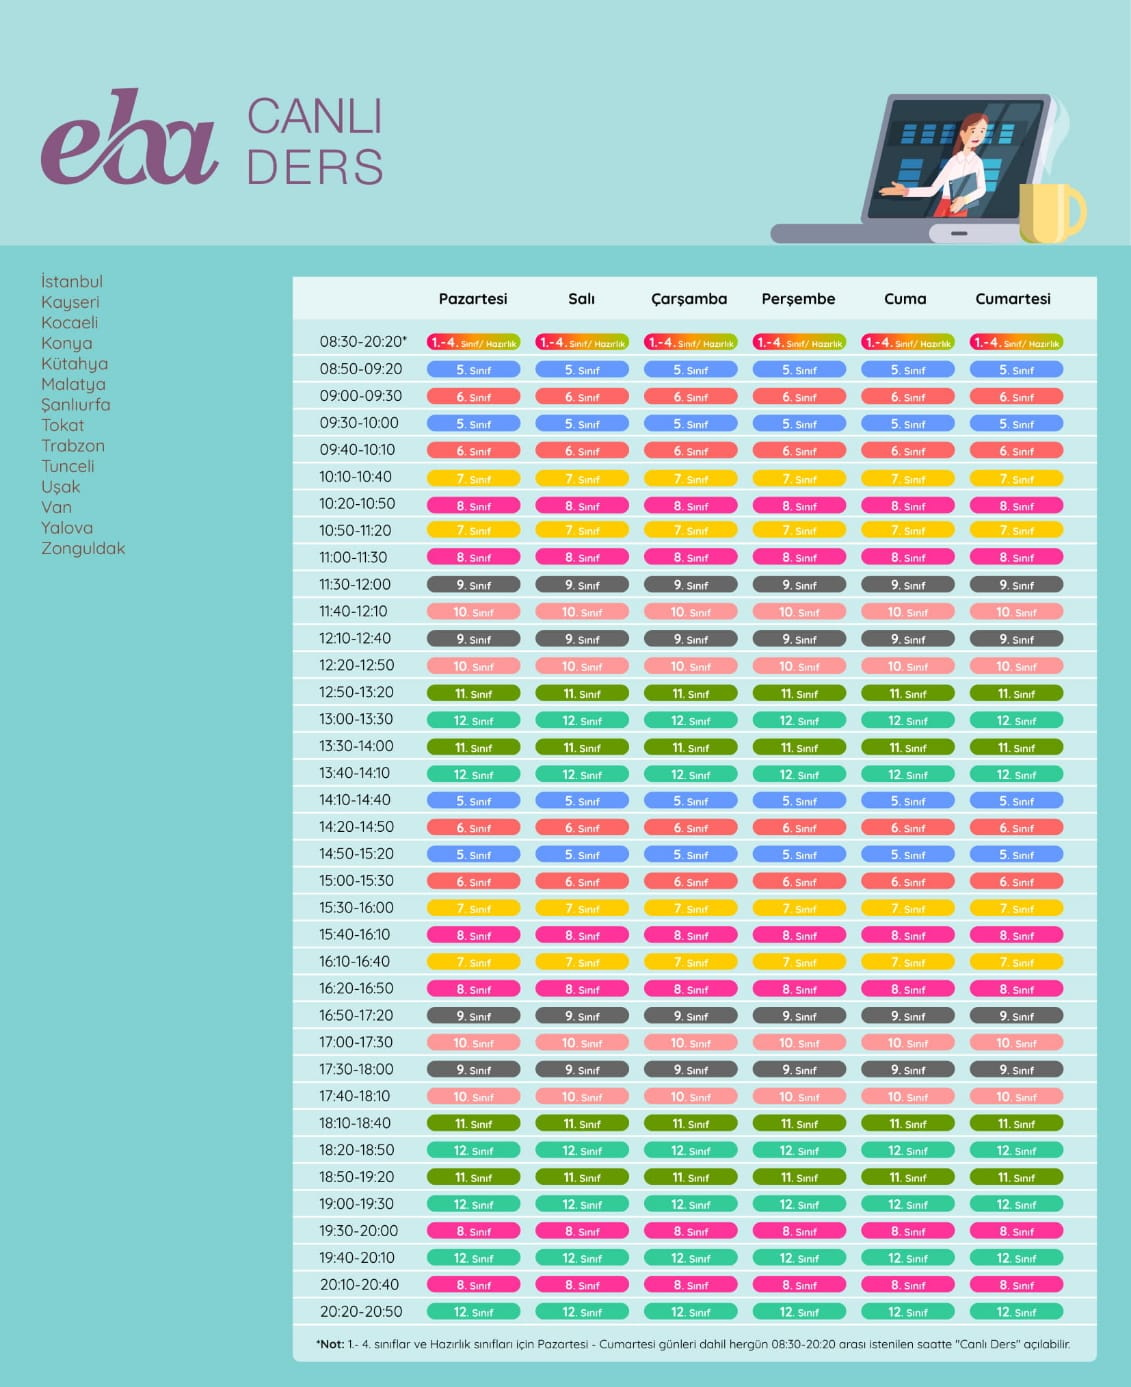 EBA Canlı Ders Gün ve Saatleri (21-25 Eylül 2020)